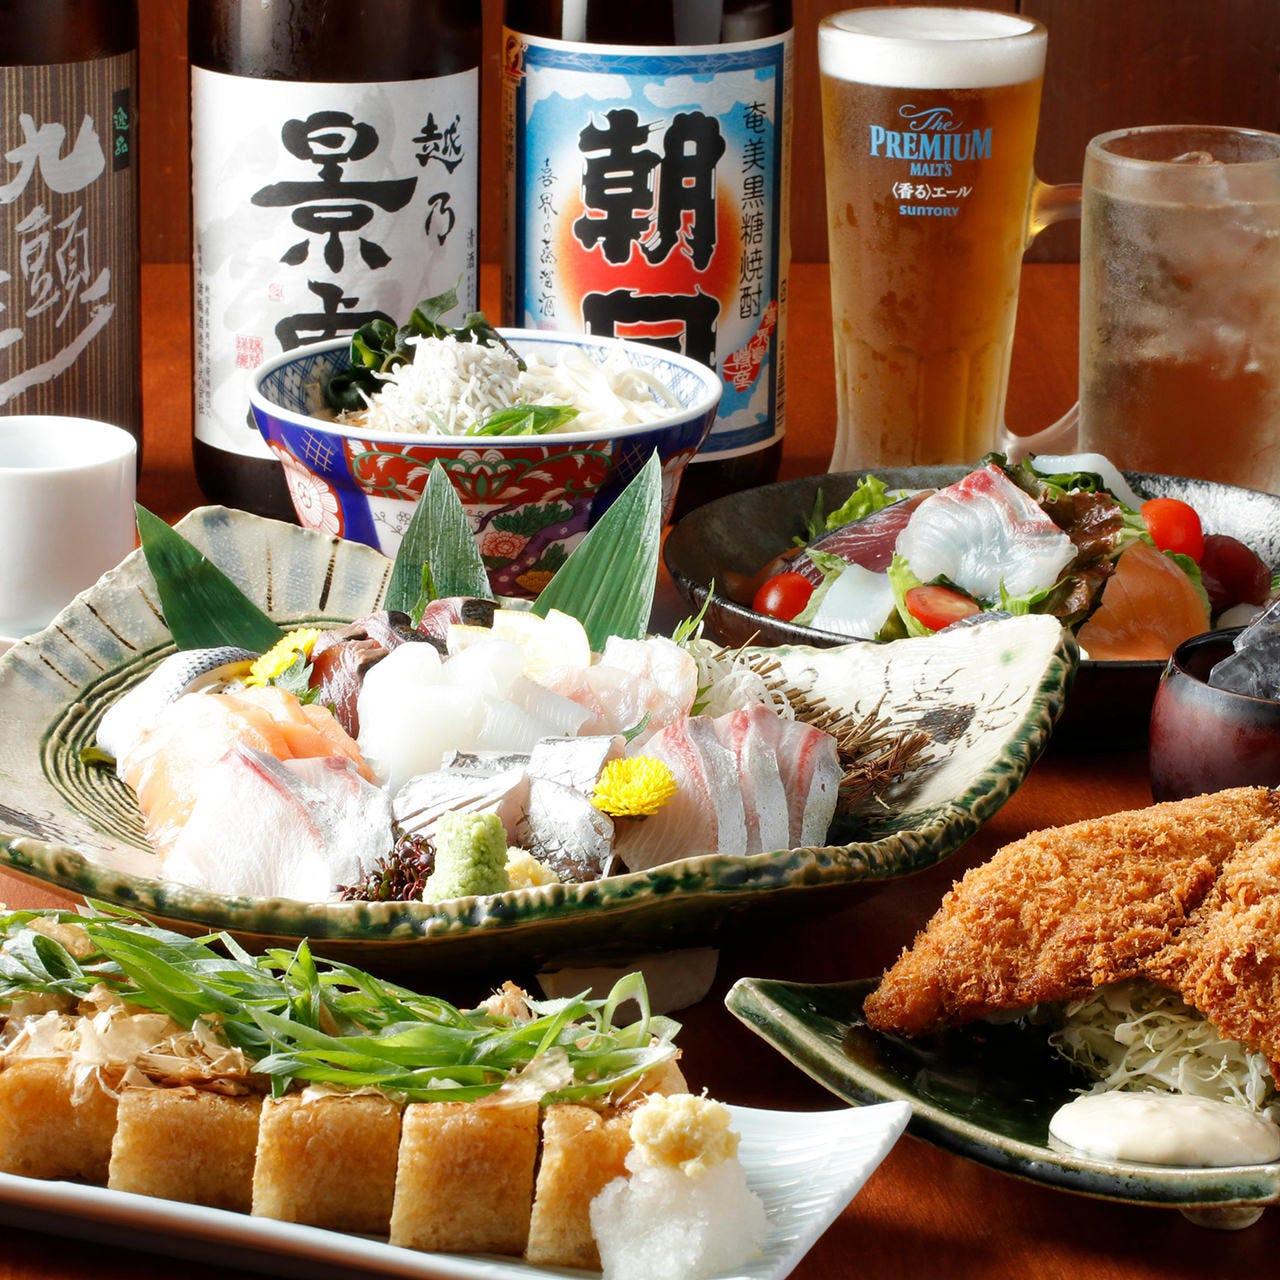 お刺身盛り合わせや天ぷらなど宴会に最適♪「大皿コース」